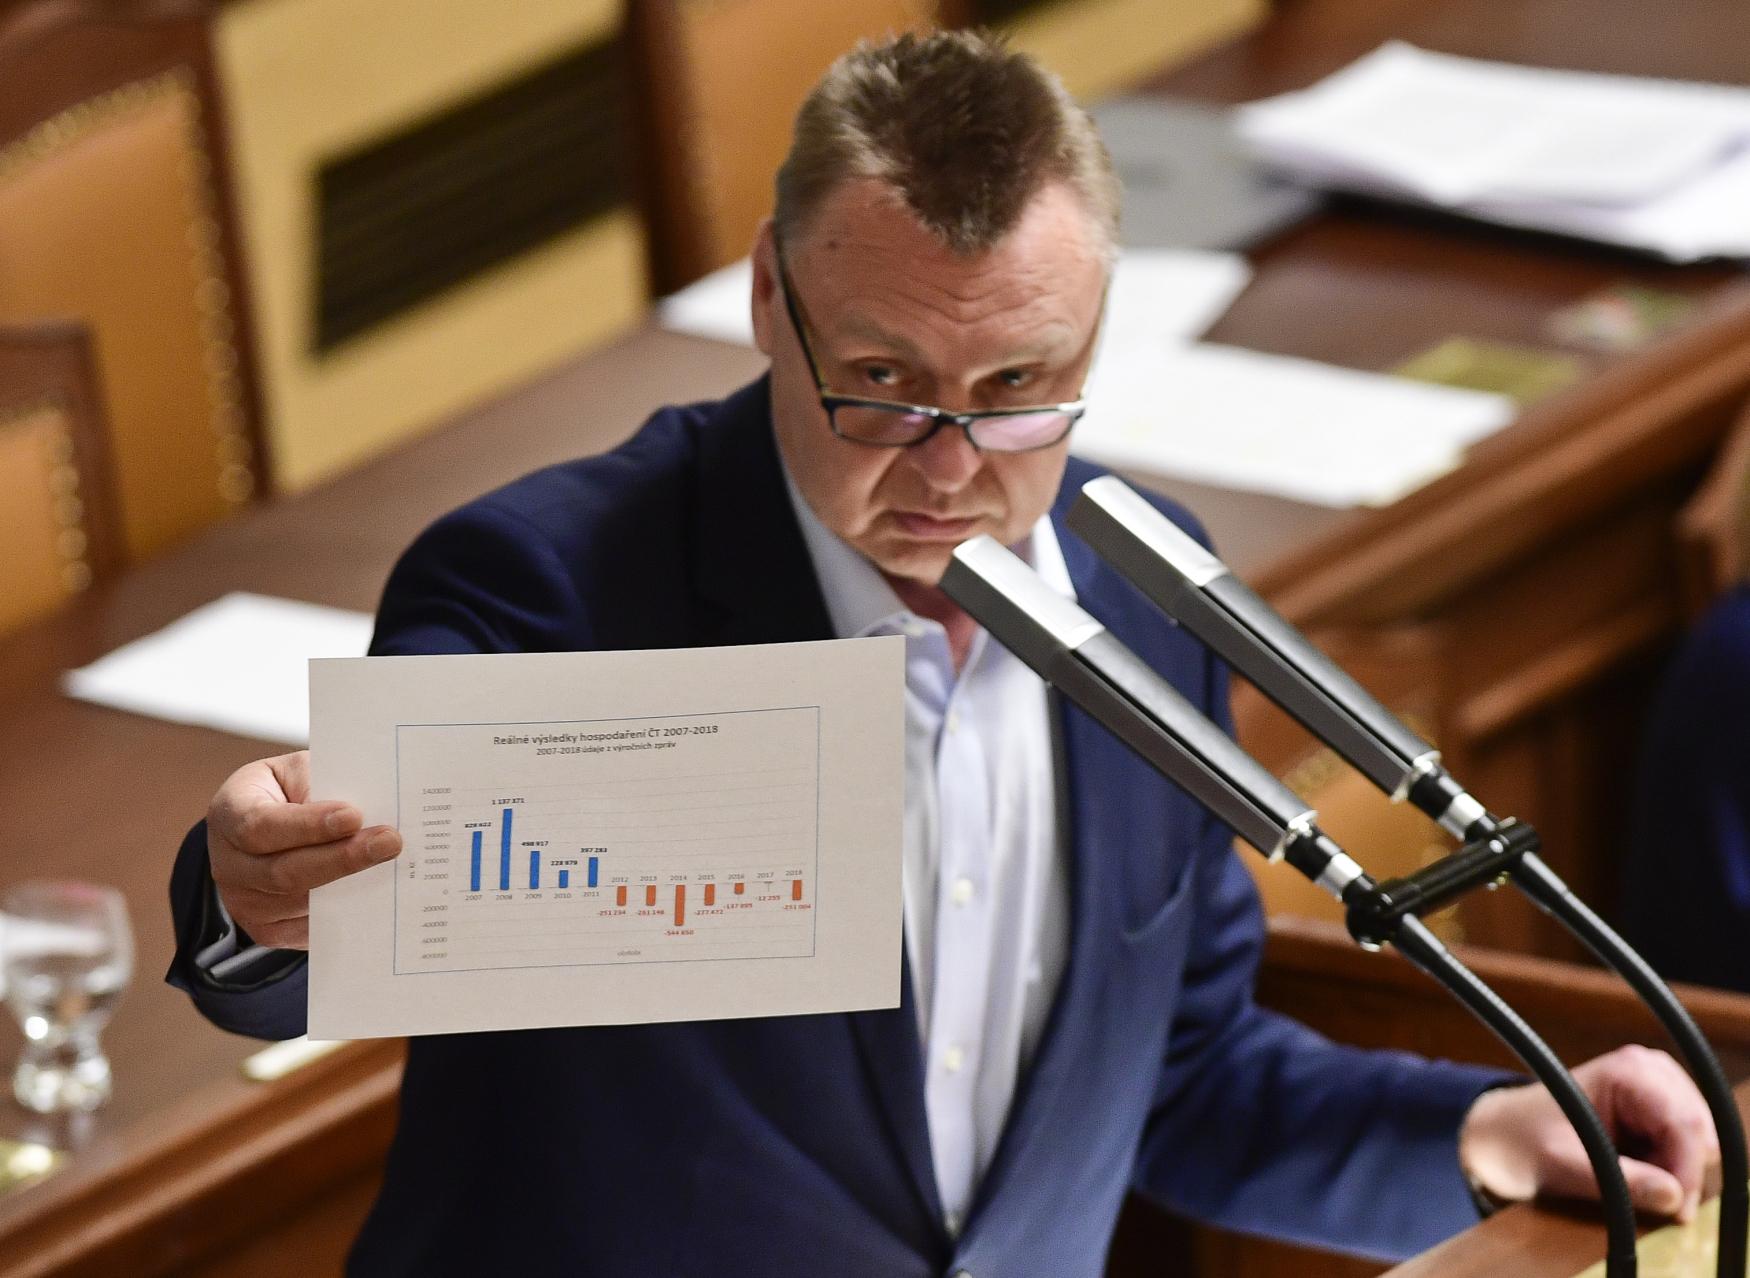 Poslanec ANO Pavel Juříček ukazuje graf s výsledky hospodaření České televize. Foto: ČTK/Vondrouš Roman